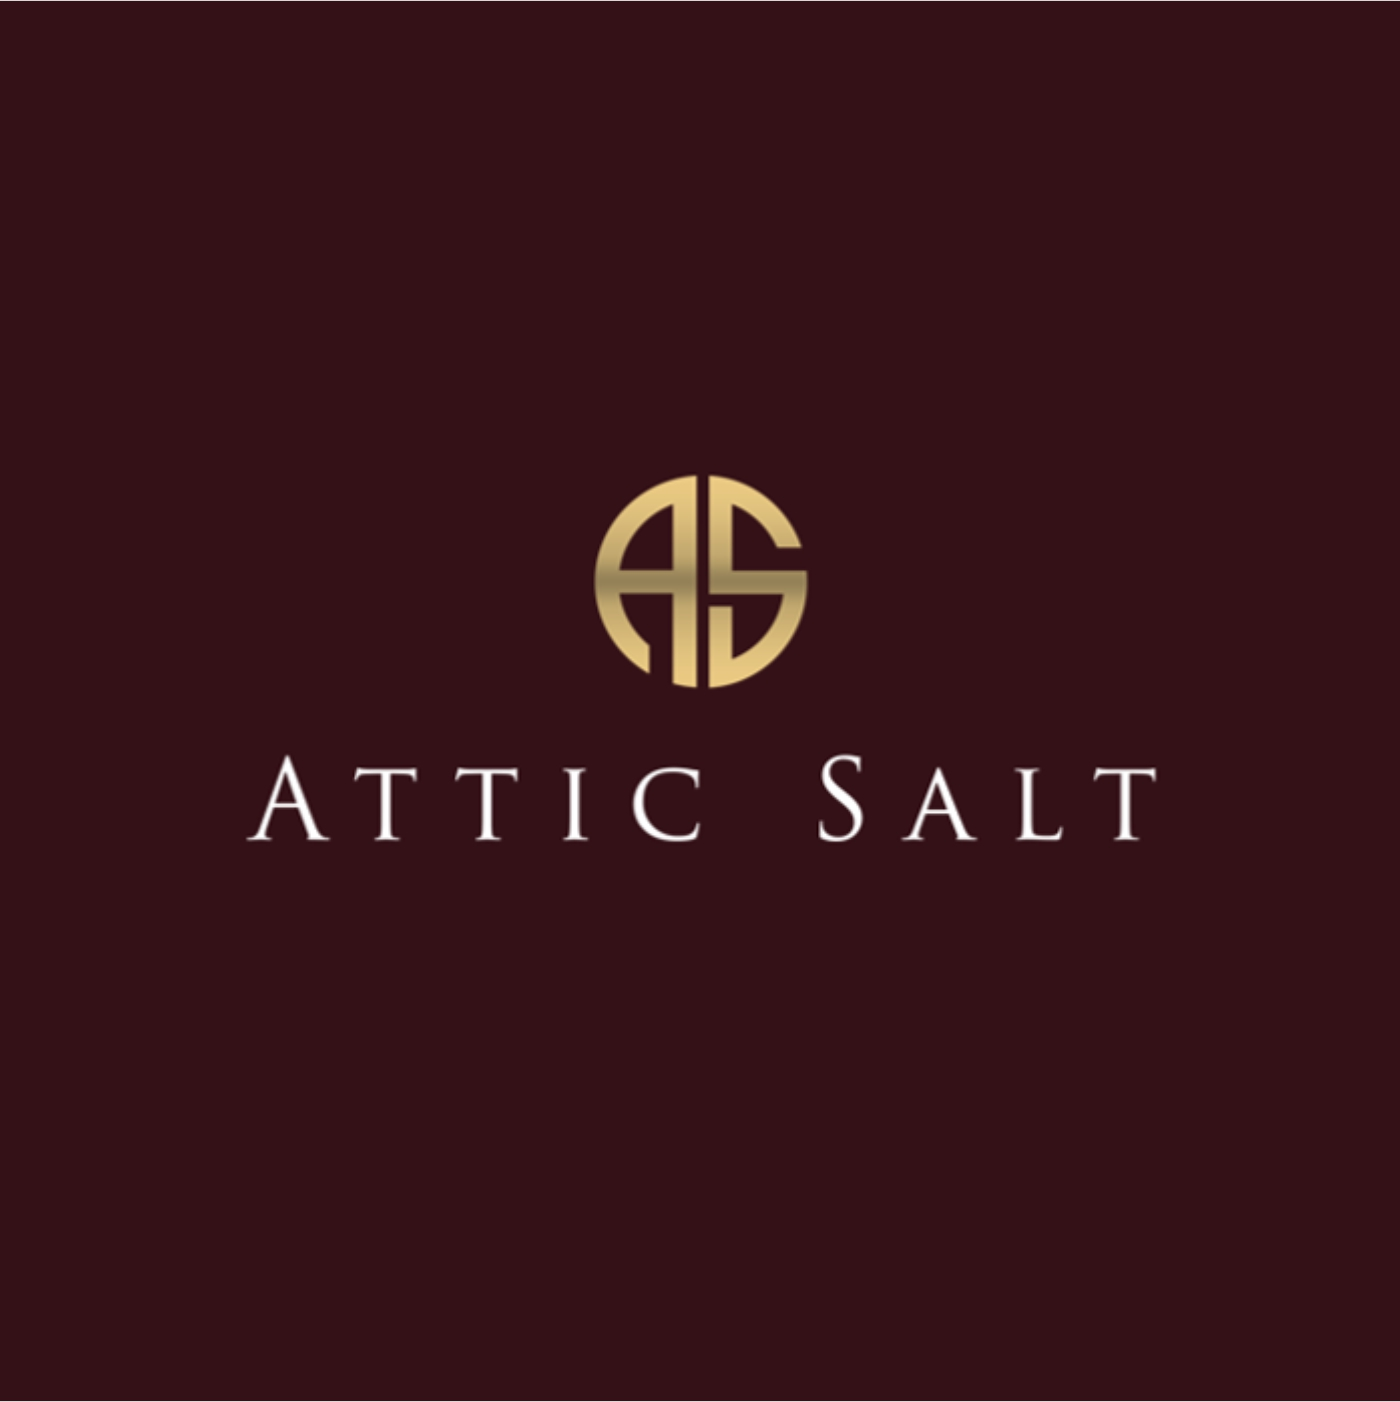 Attic Salt - 2